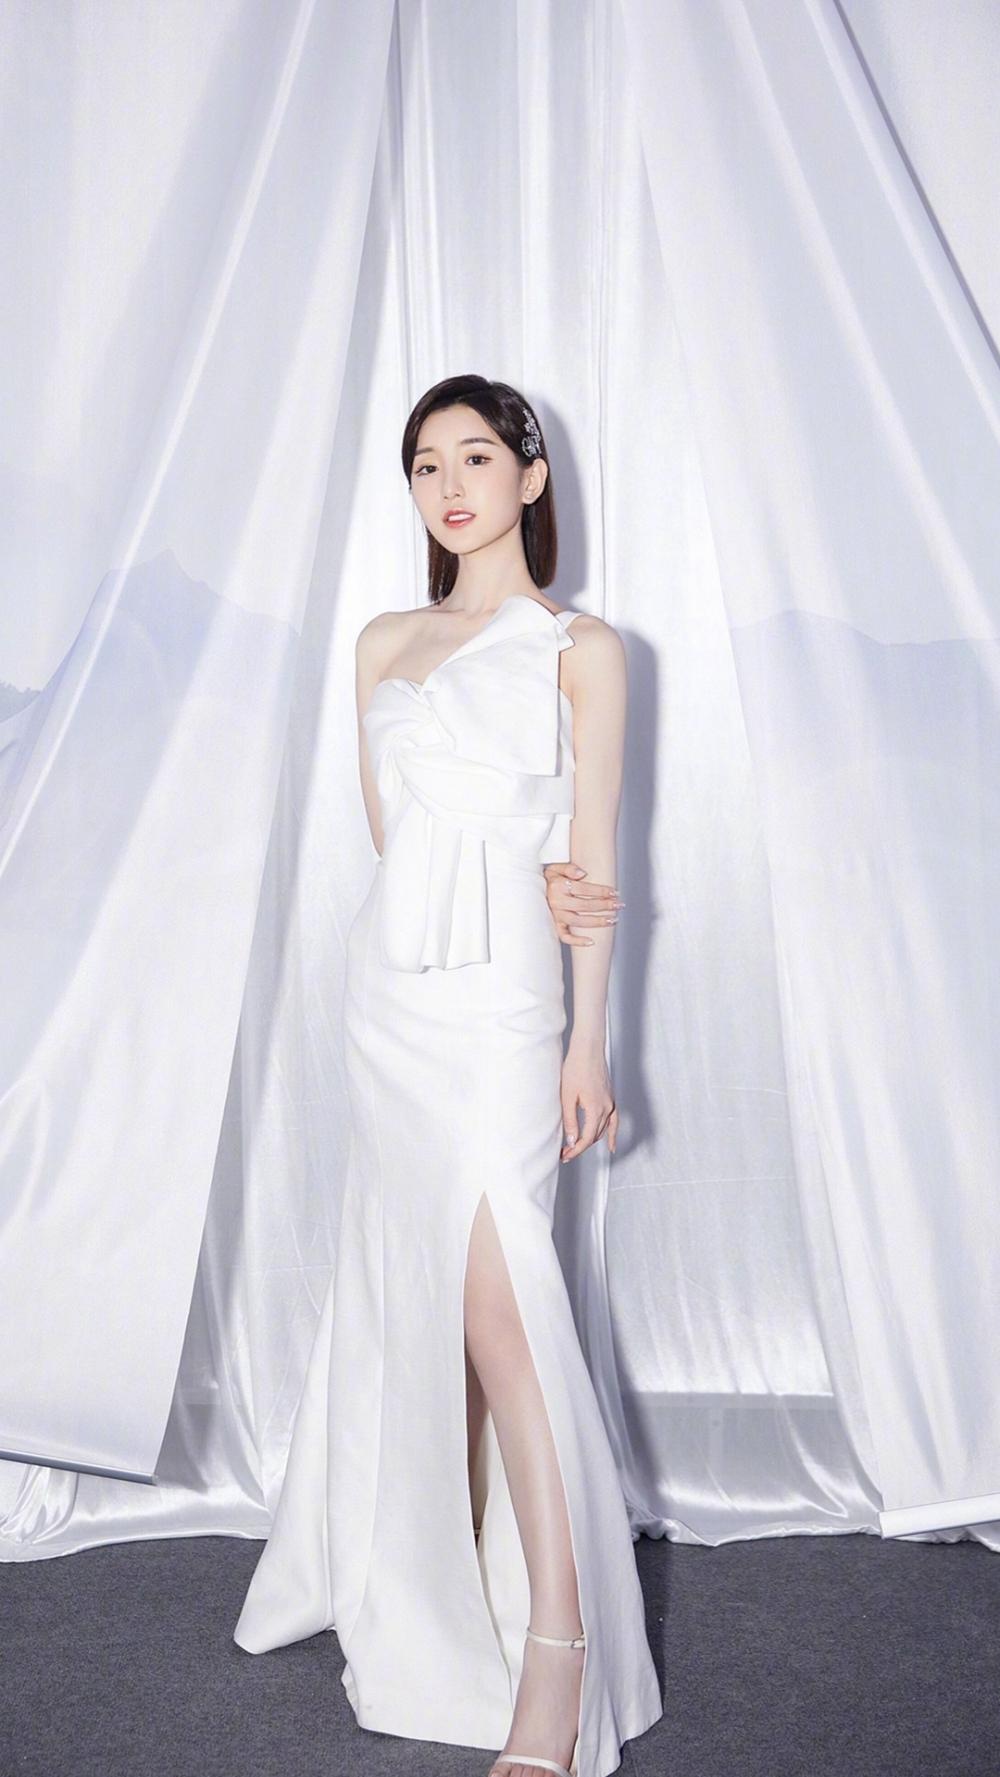 毛晓彤仙气甜美的高清图片欣赏